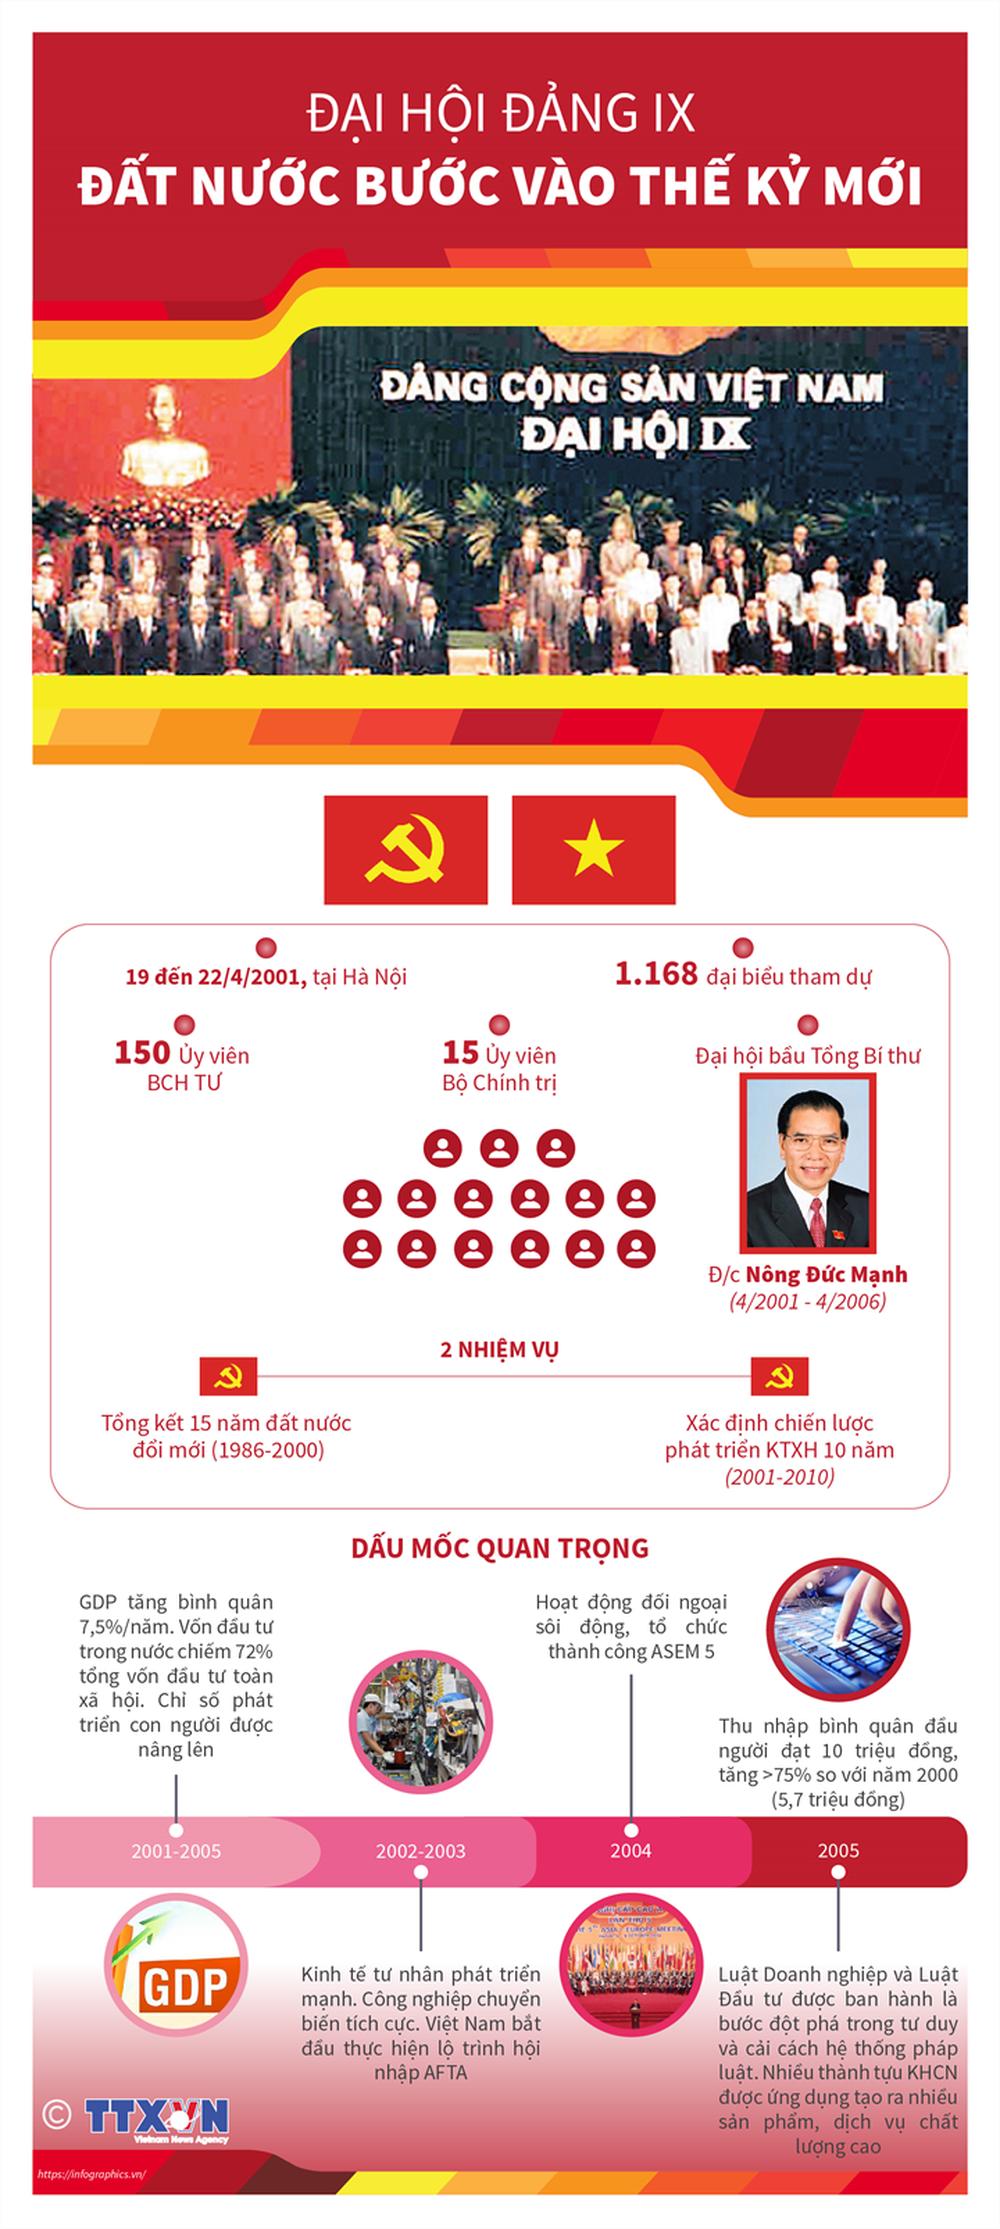 Nhìn lại 12 kỳ Đại hội của Đảng Cộng sản Việt Nam - Ảnh 9.